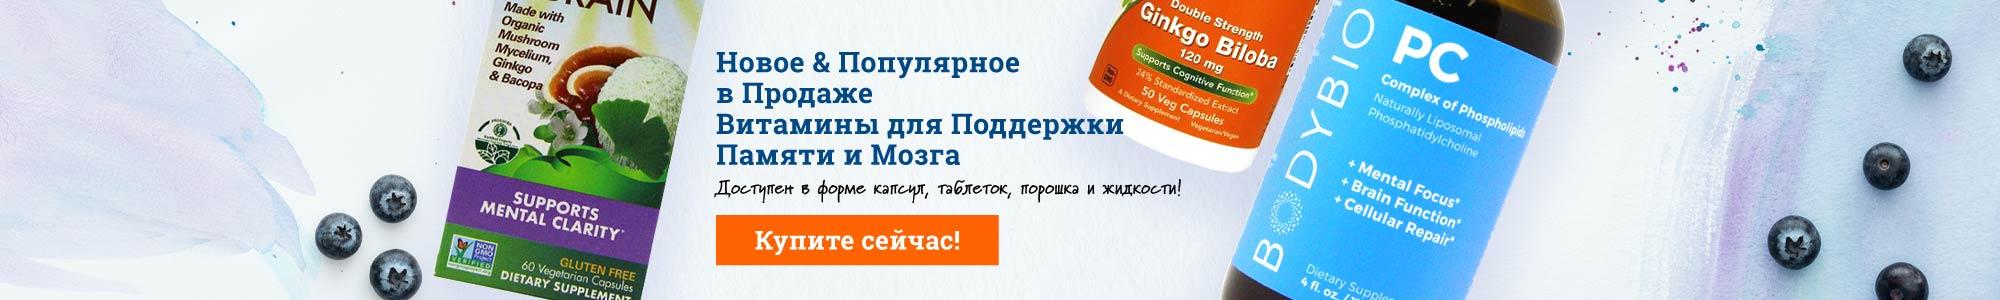 Новое & Популярное в Продаже - Витамины для Поддержки Памяти и Мозга - Доступен в форме капсул, таблеток, порошка и жидкости! Купите сейчас!